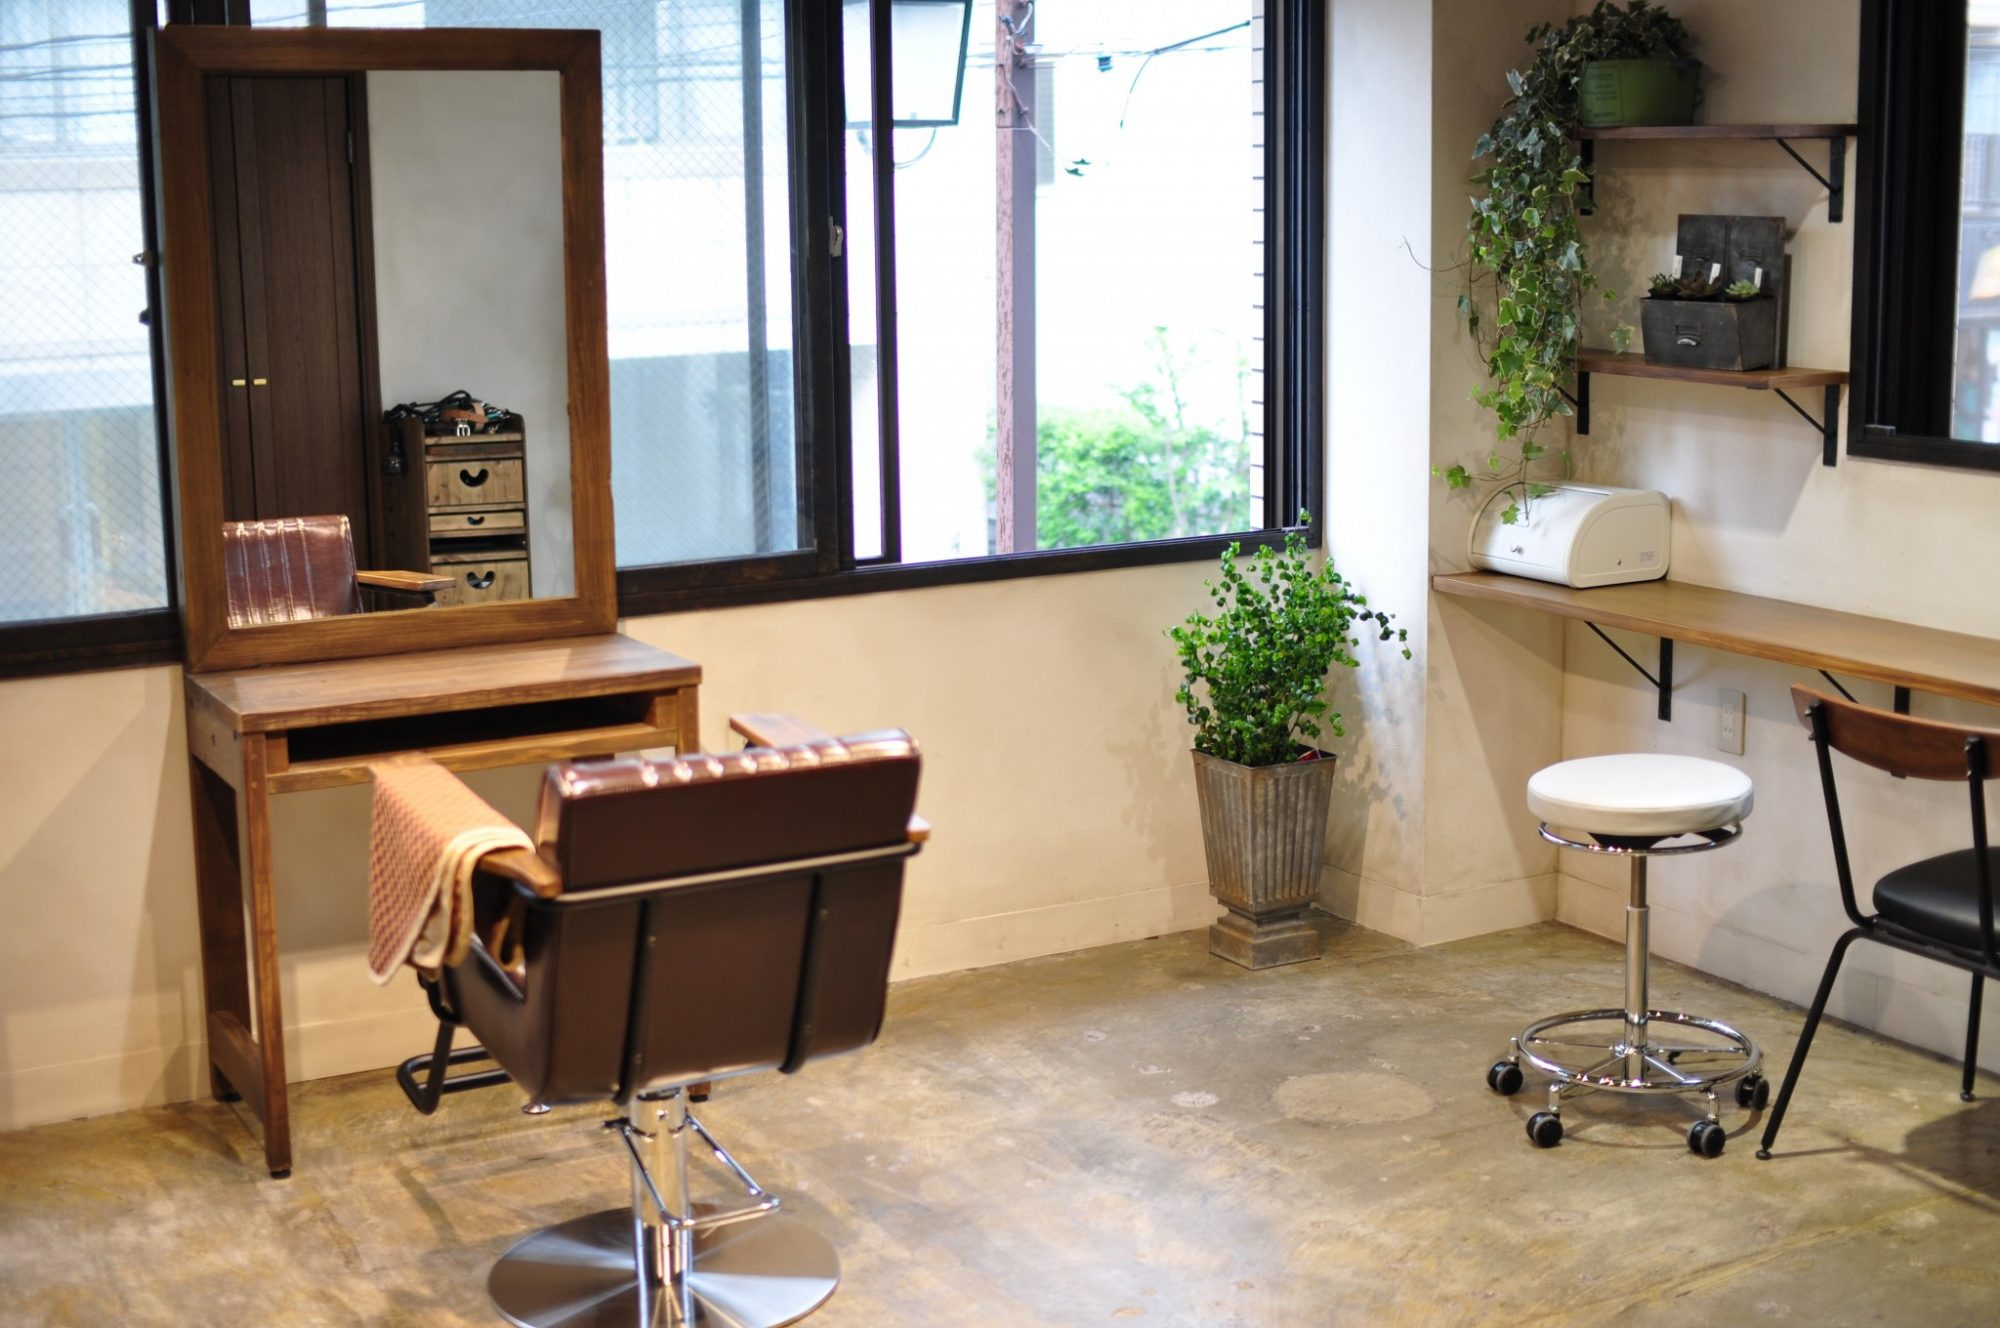 髪の診療所・アレルギー対策美容院   sakasitaweed